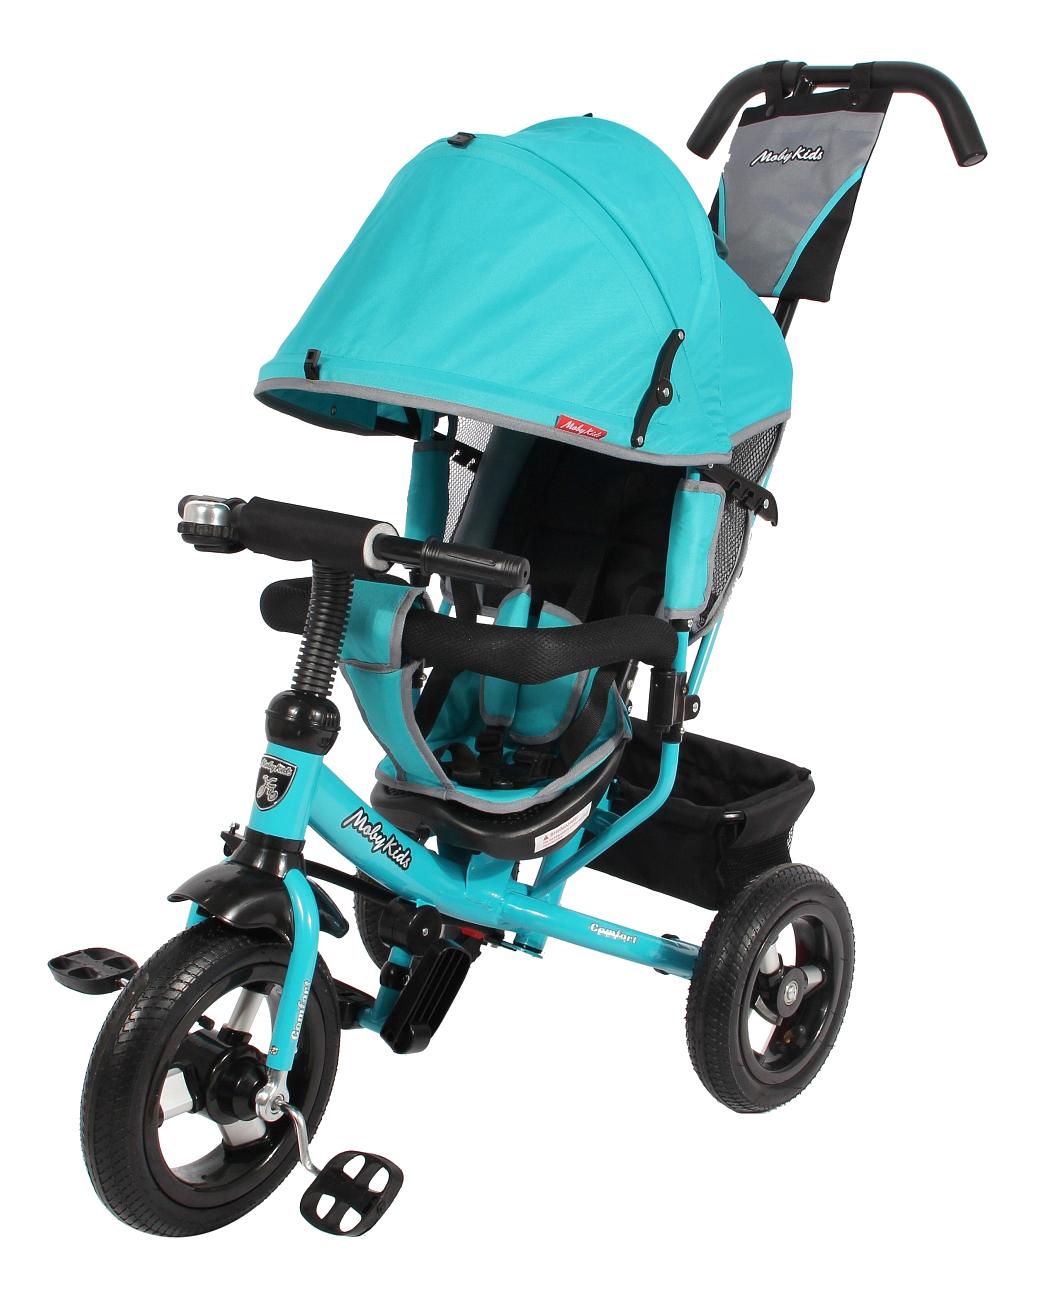 Купить Велосипед Moby Kids Comfort Air 12x10 бирюзовый, Детские велосипеды-коляски